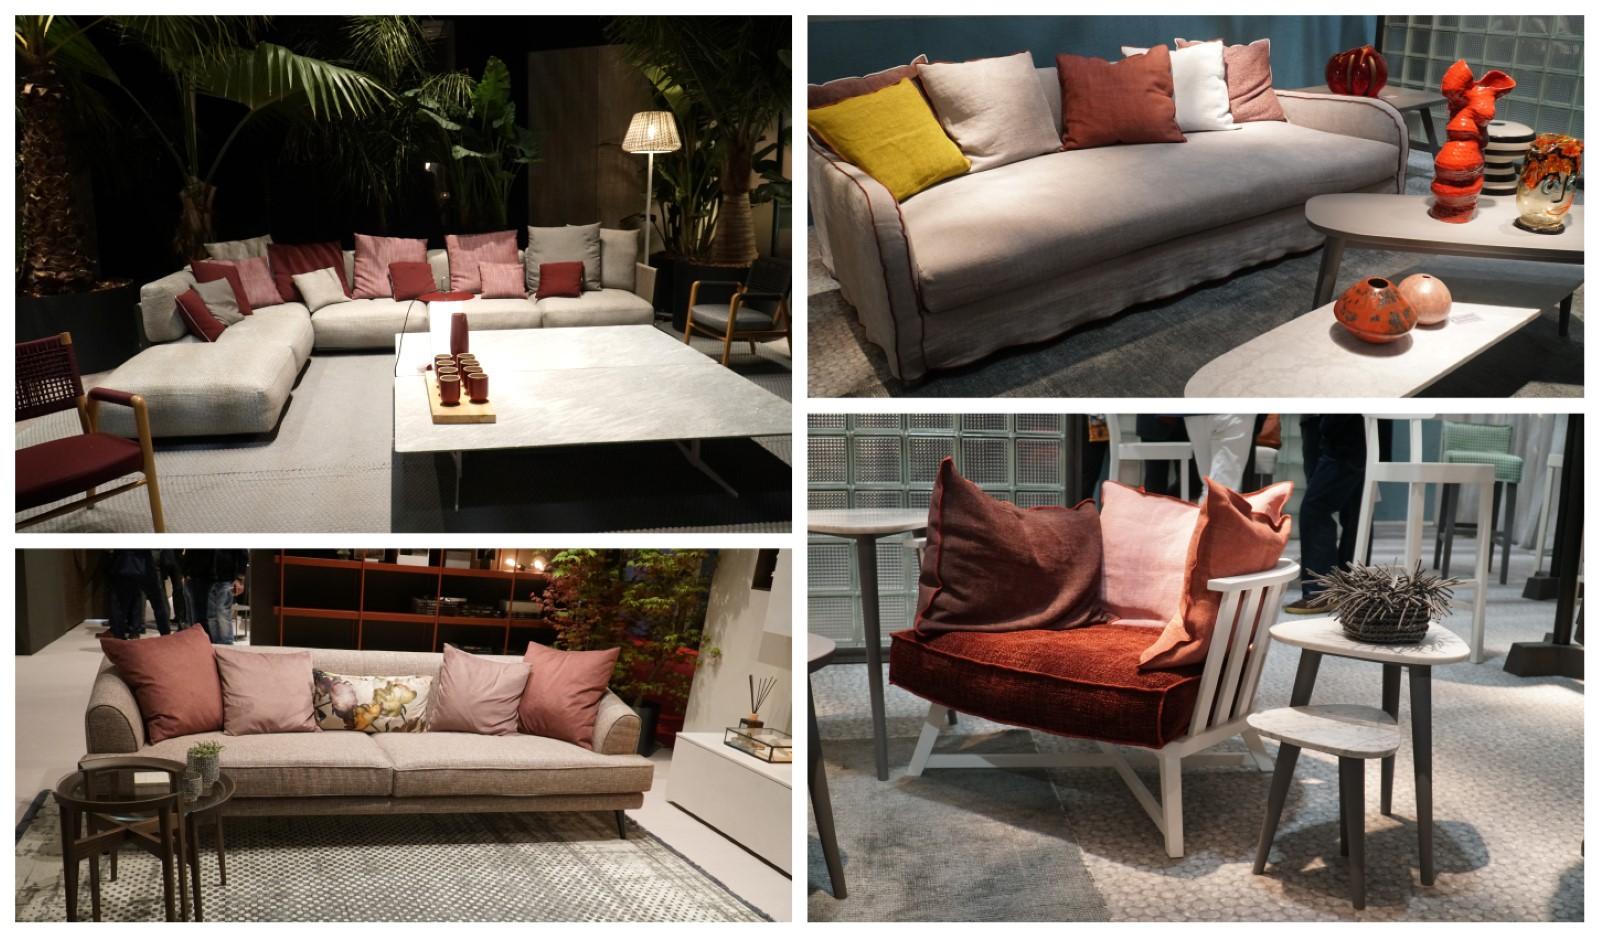 דוגמאות של רהיטים בשילוב הגוון הבורדו והאדום-ורוד